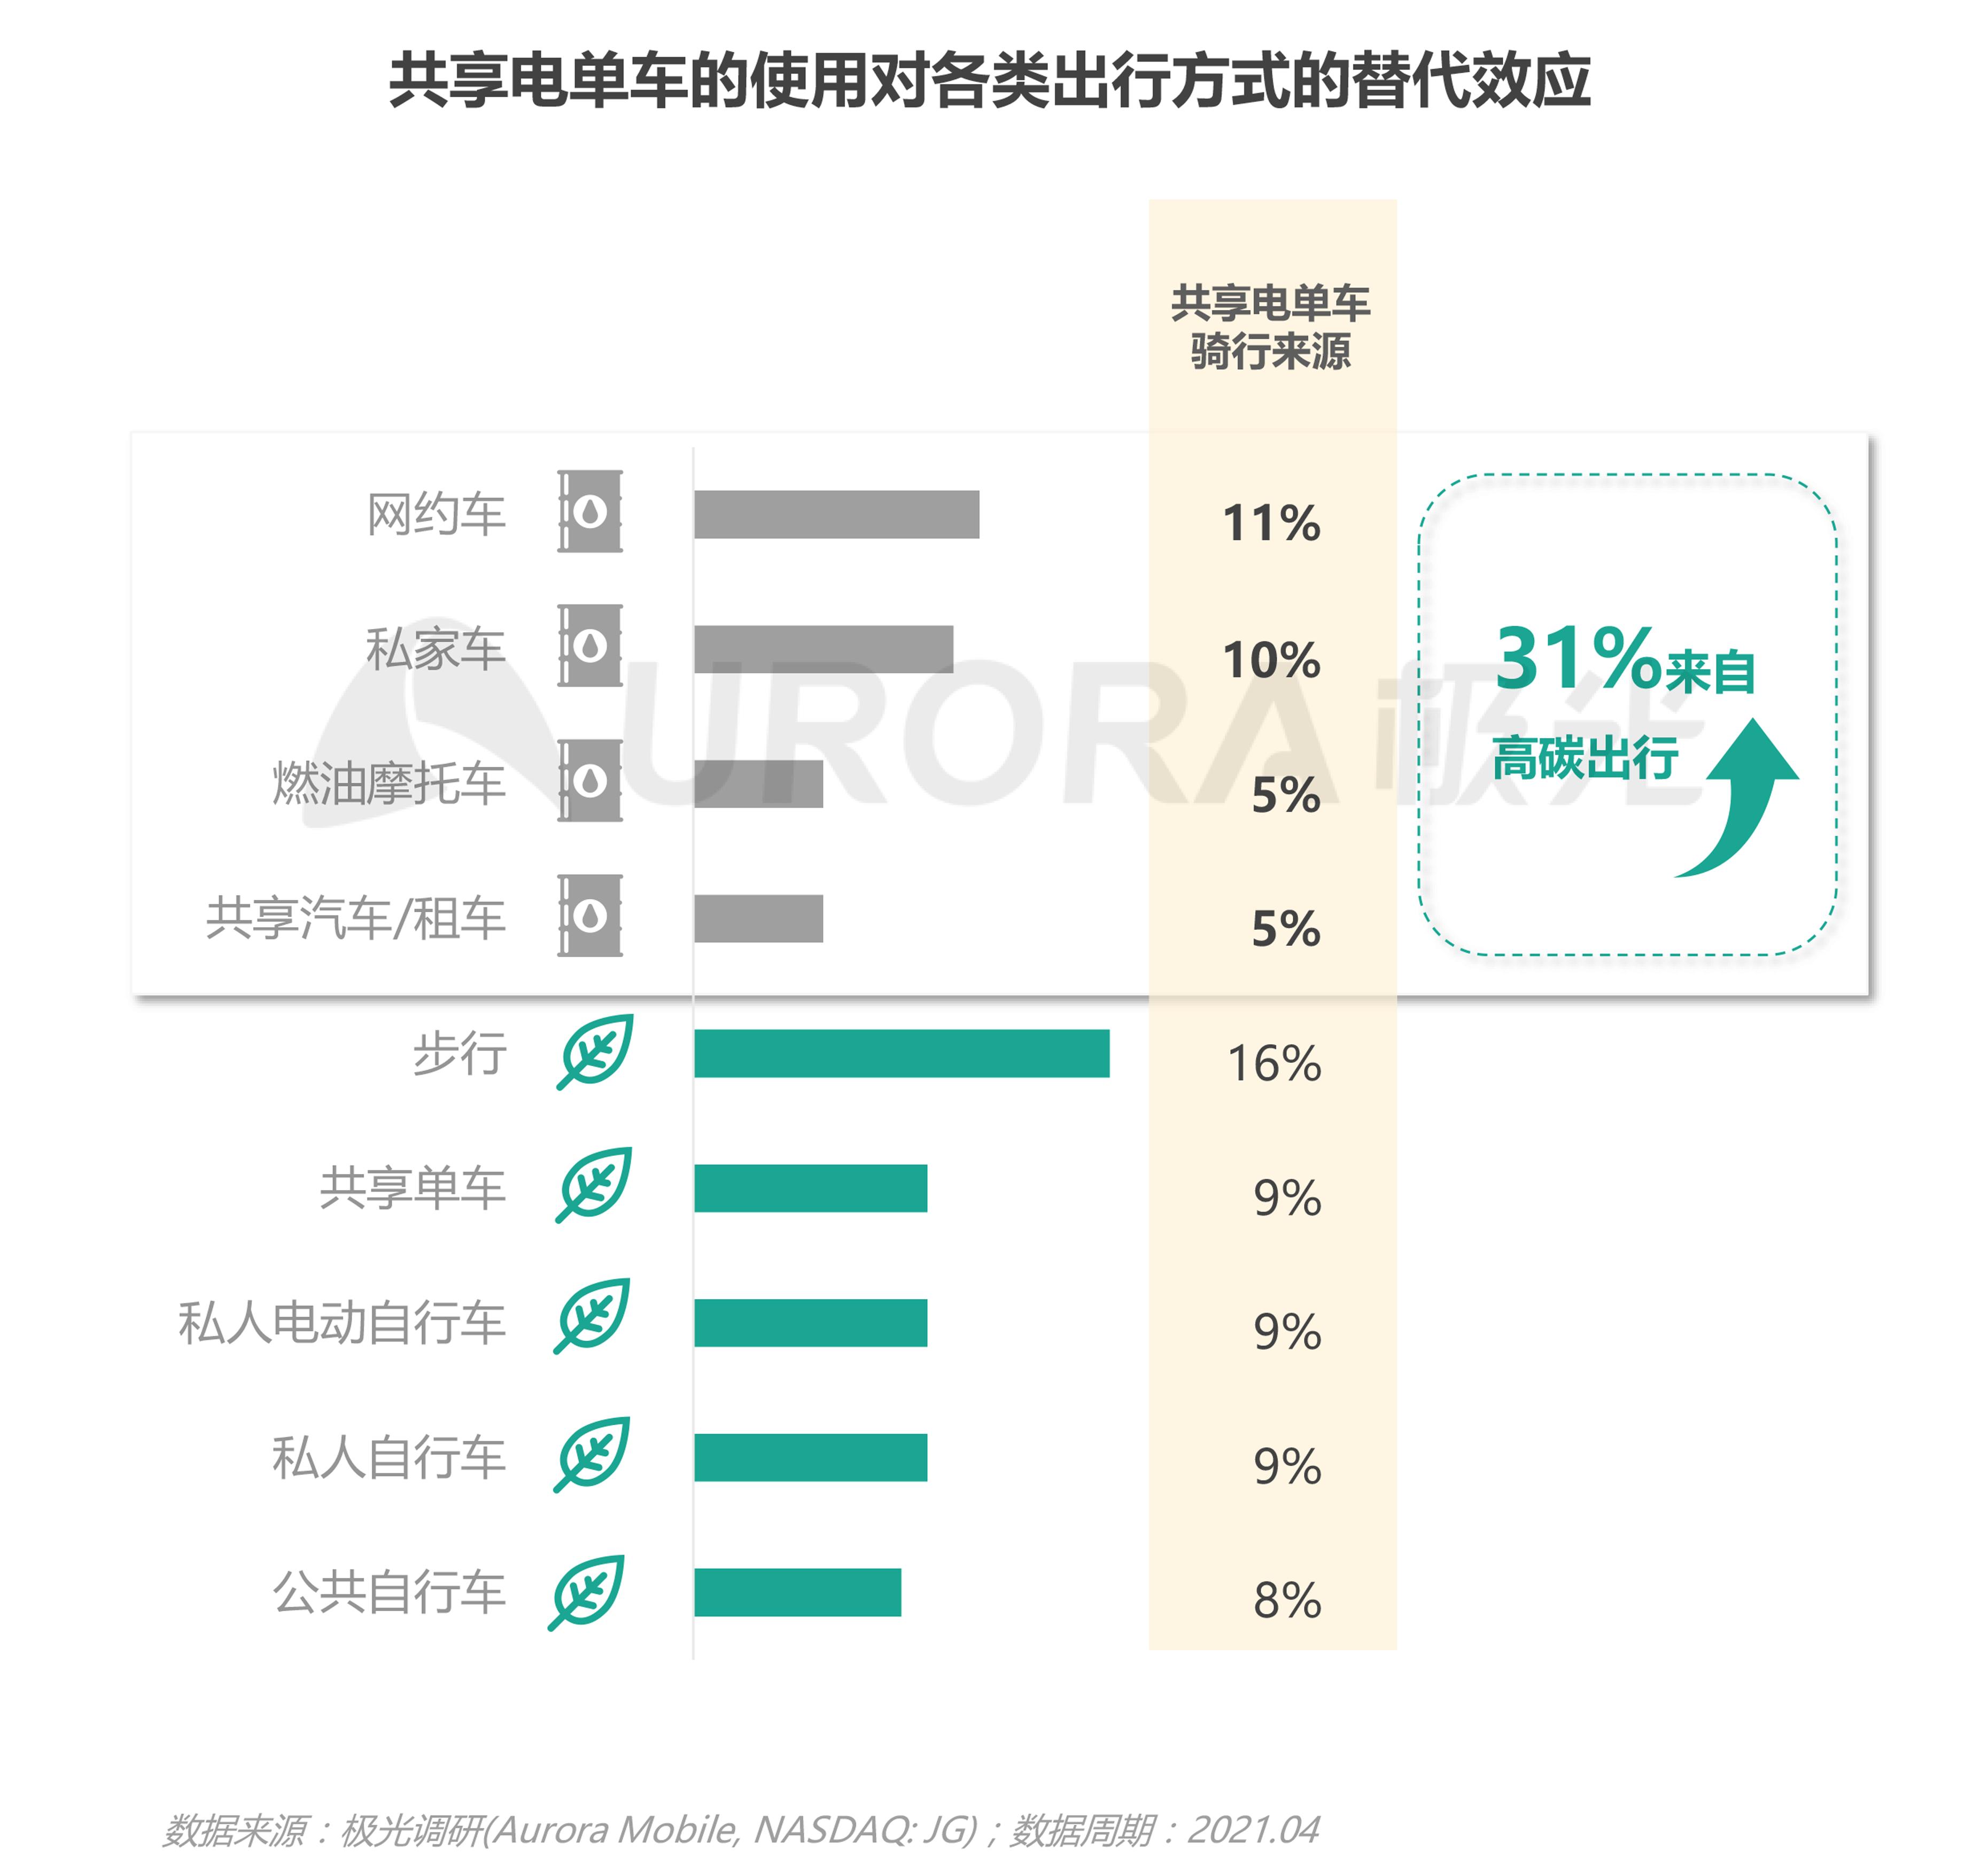 JIGUANG-共享电单车社会价值研究报告_0528(终版)-15.png